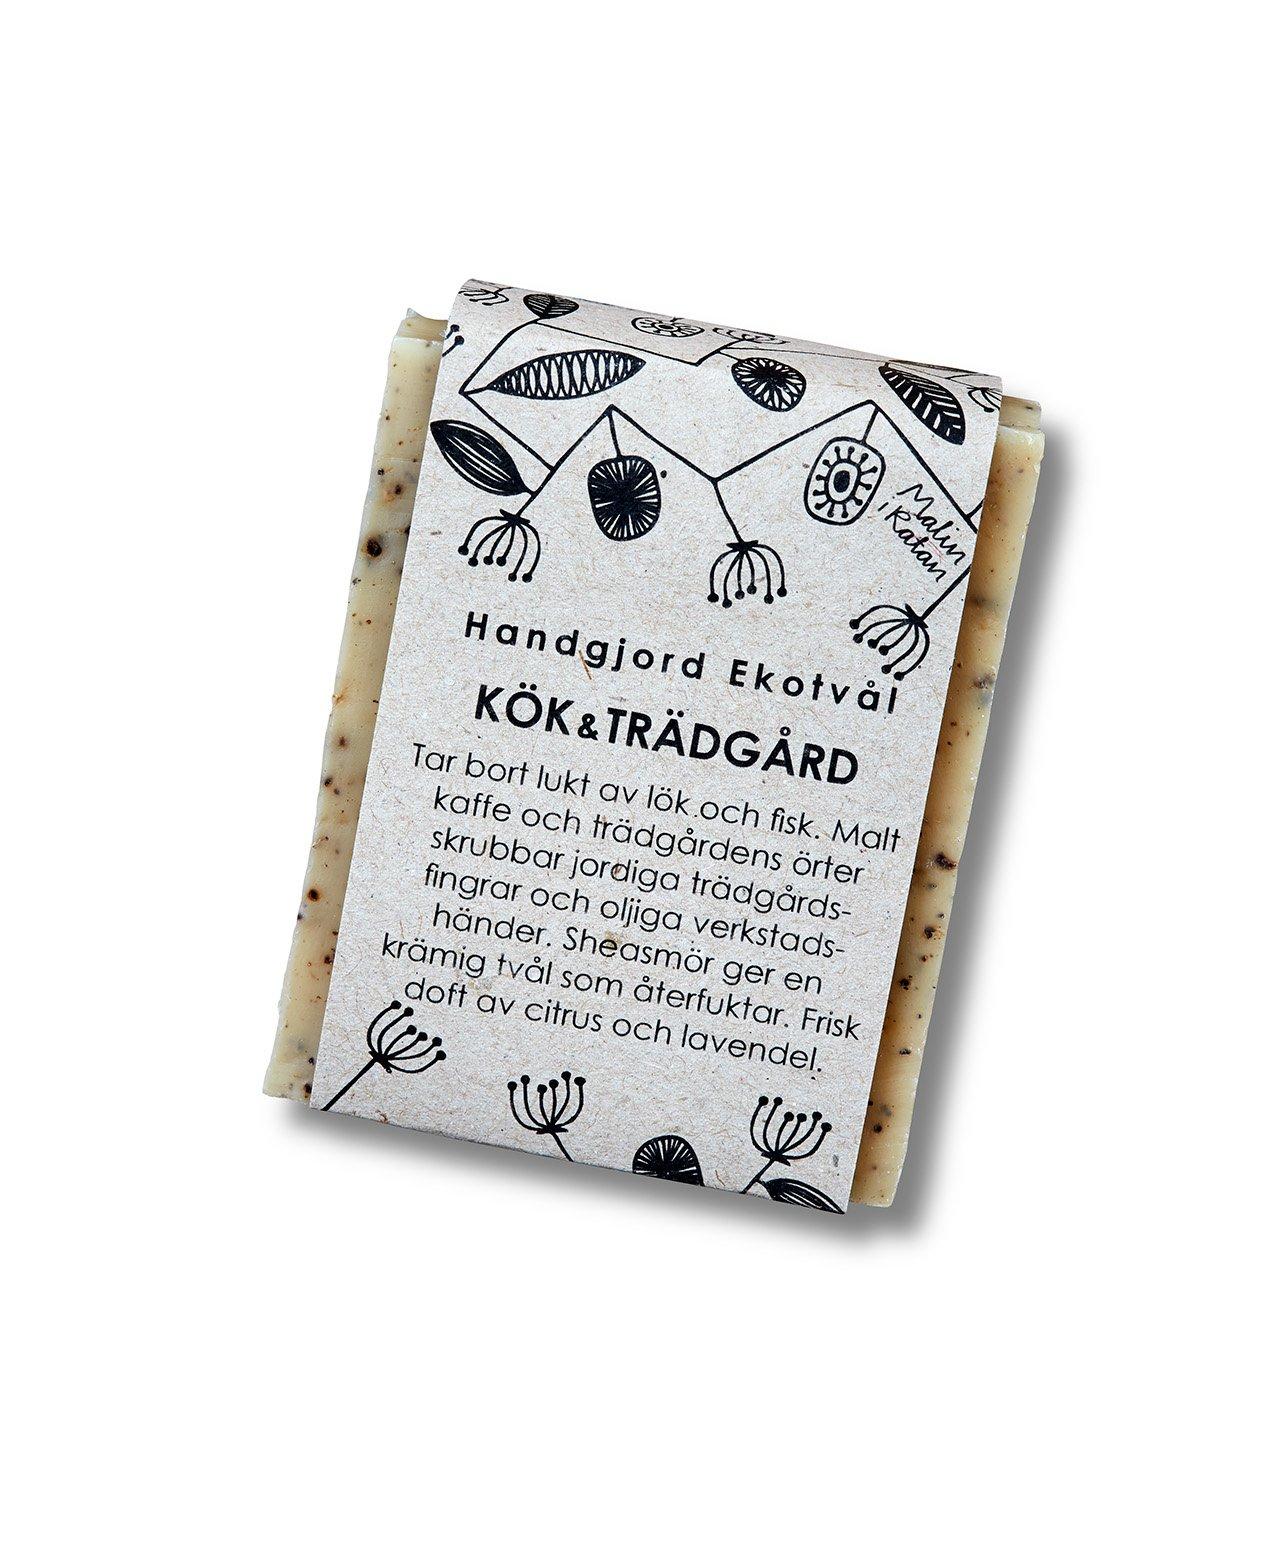 Handgjord Ekotvål Kök & Trädgård